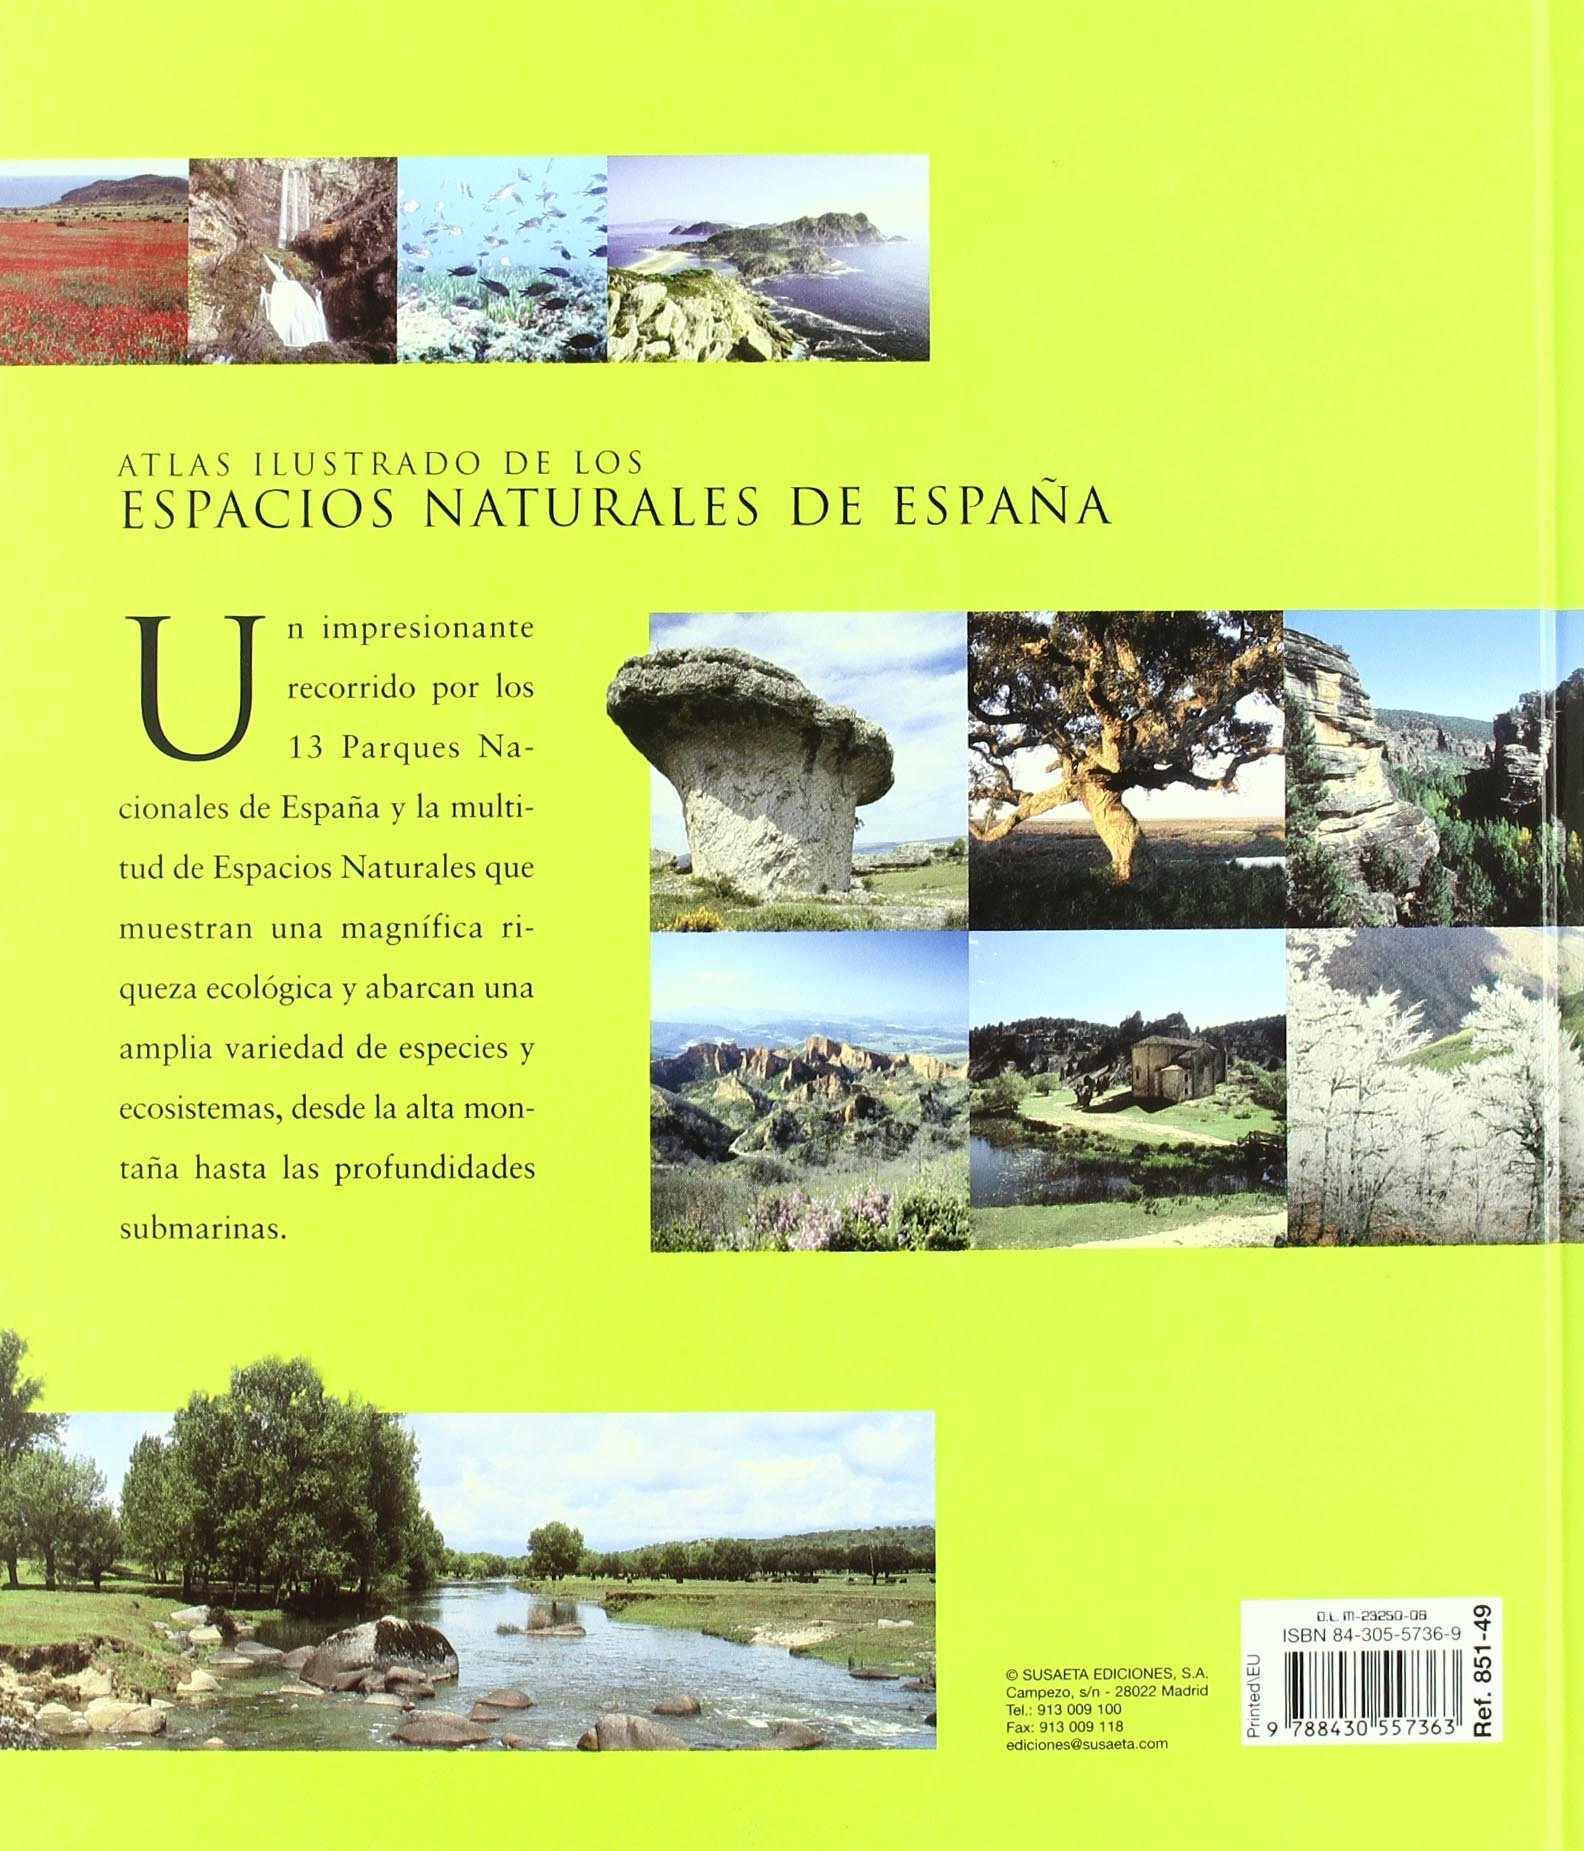 Espacios Naturales De España,Atlas Ilustrado: Amazon.es: Susaeta, Equipo: Libros